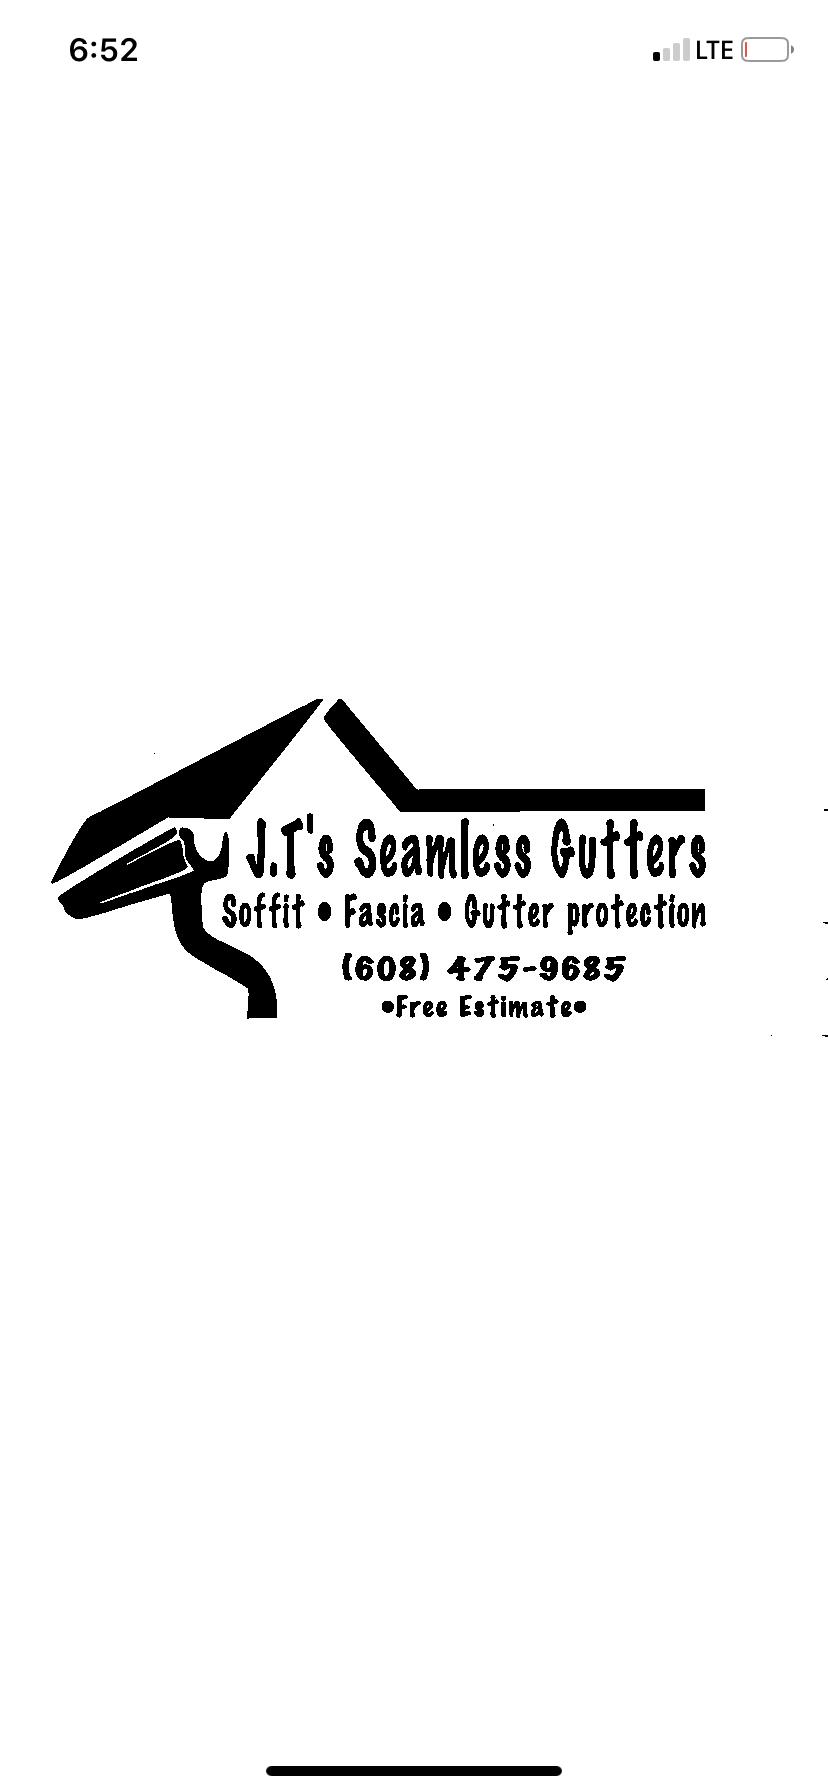 Jt's seamless gutters